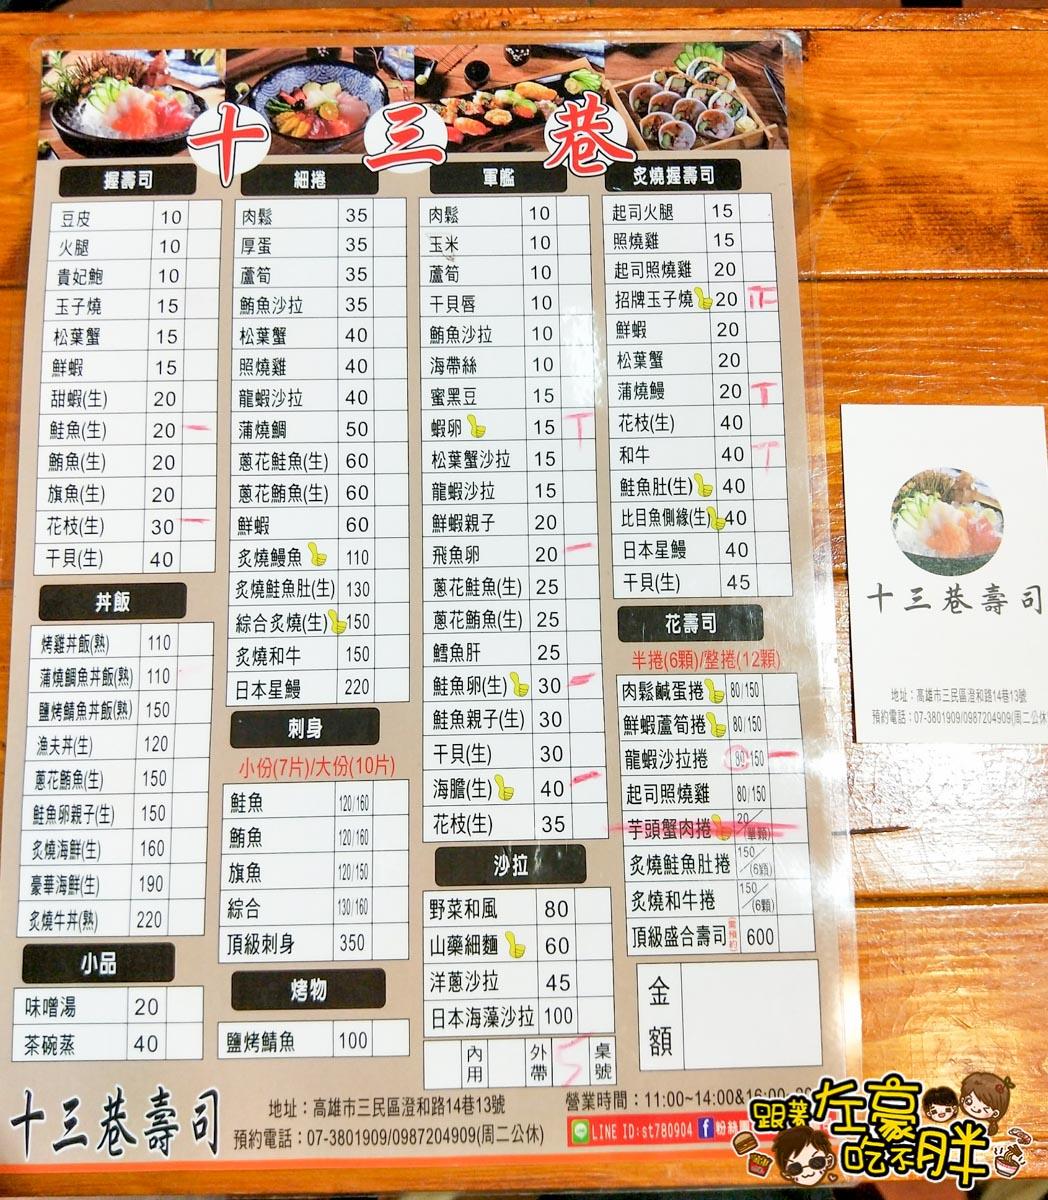 十三巷壽司-11